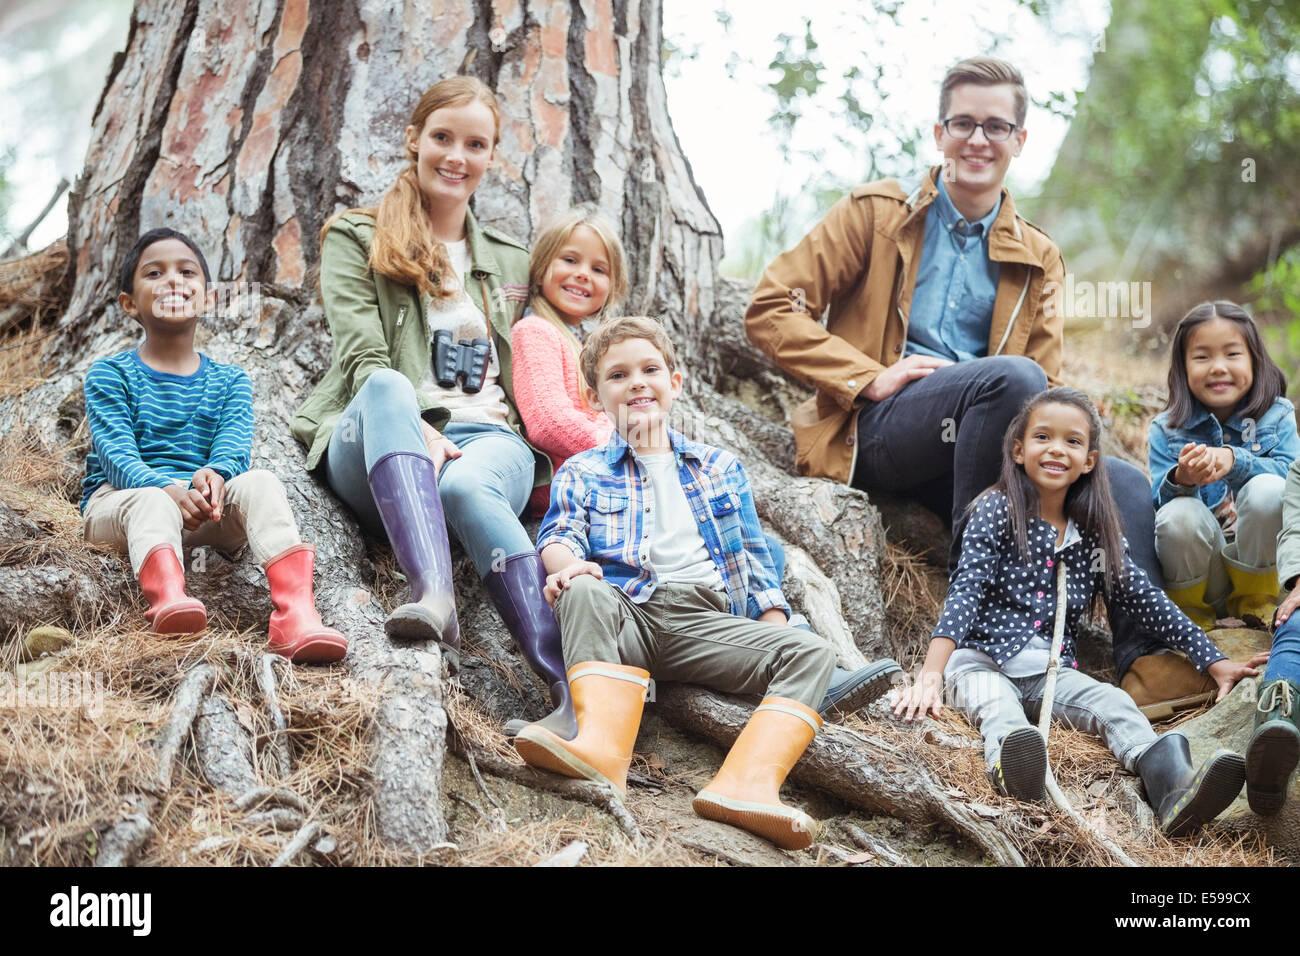 Gli studenti e gli insegnanti sorridente in foresta Immagini Stock